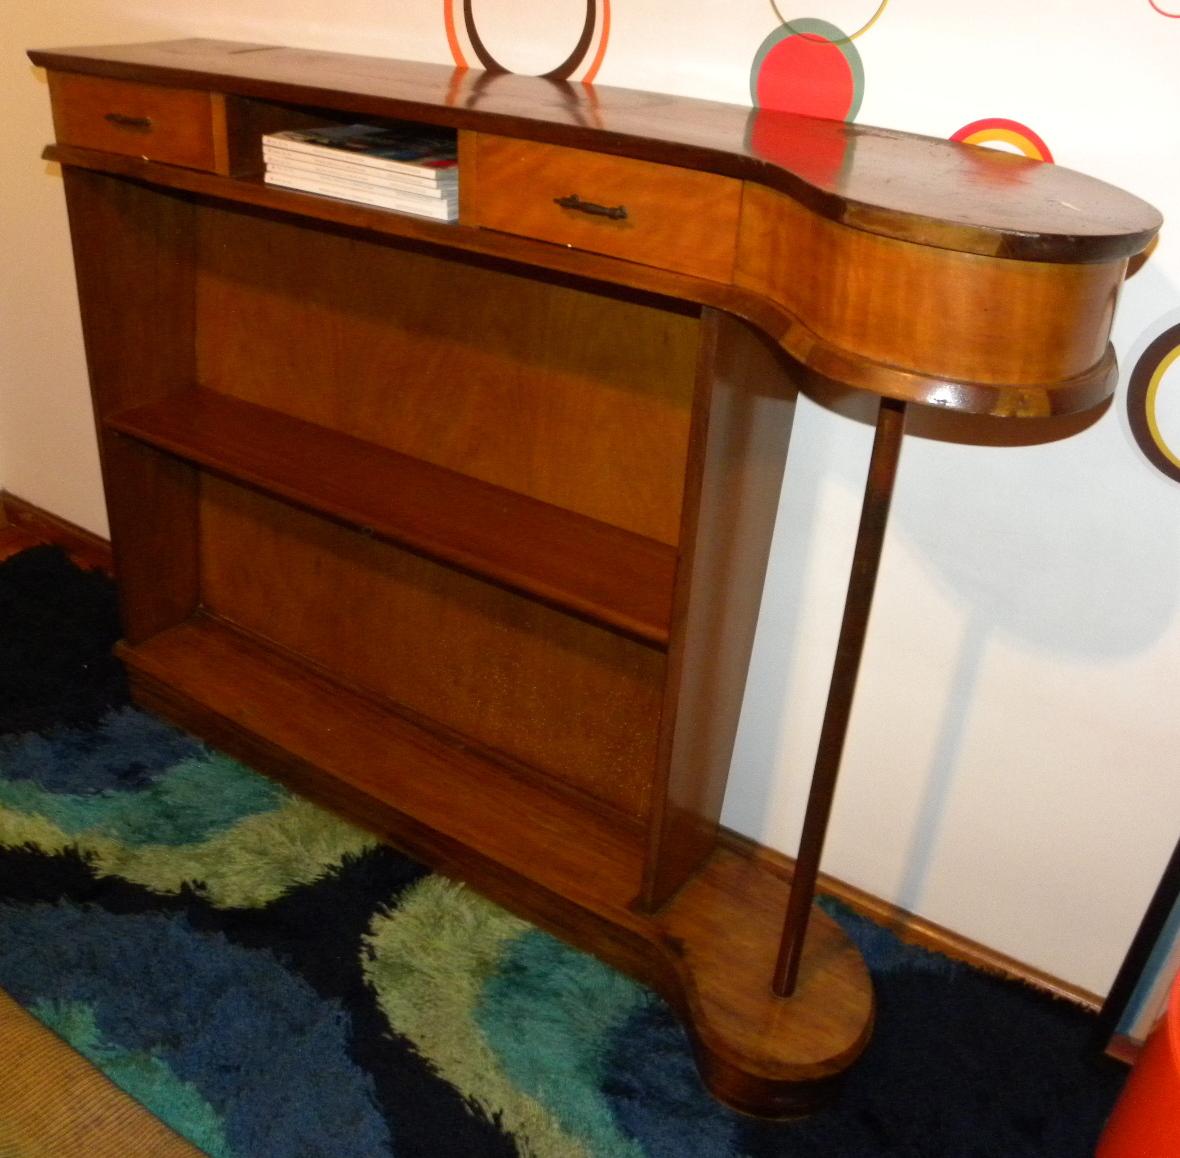 Deco retro vintage mueble barra de bar vintage - Mueble barra bar ...